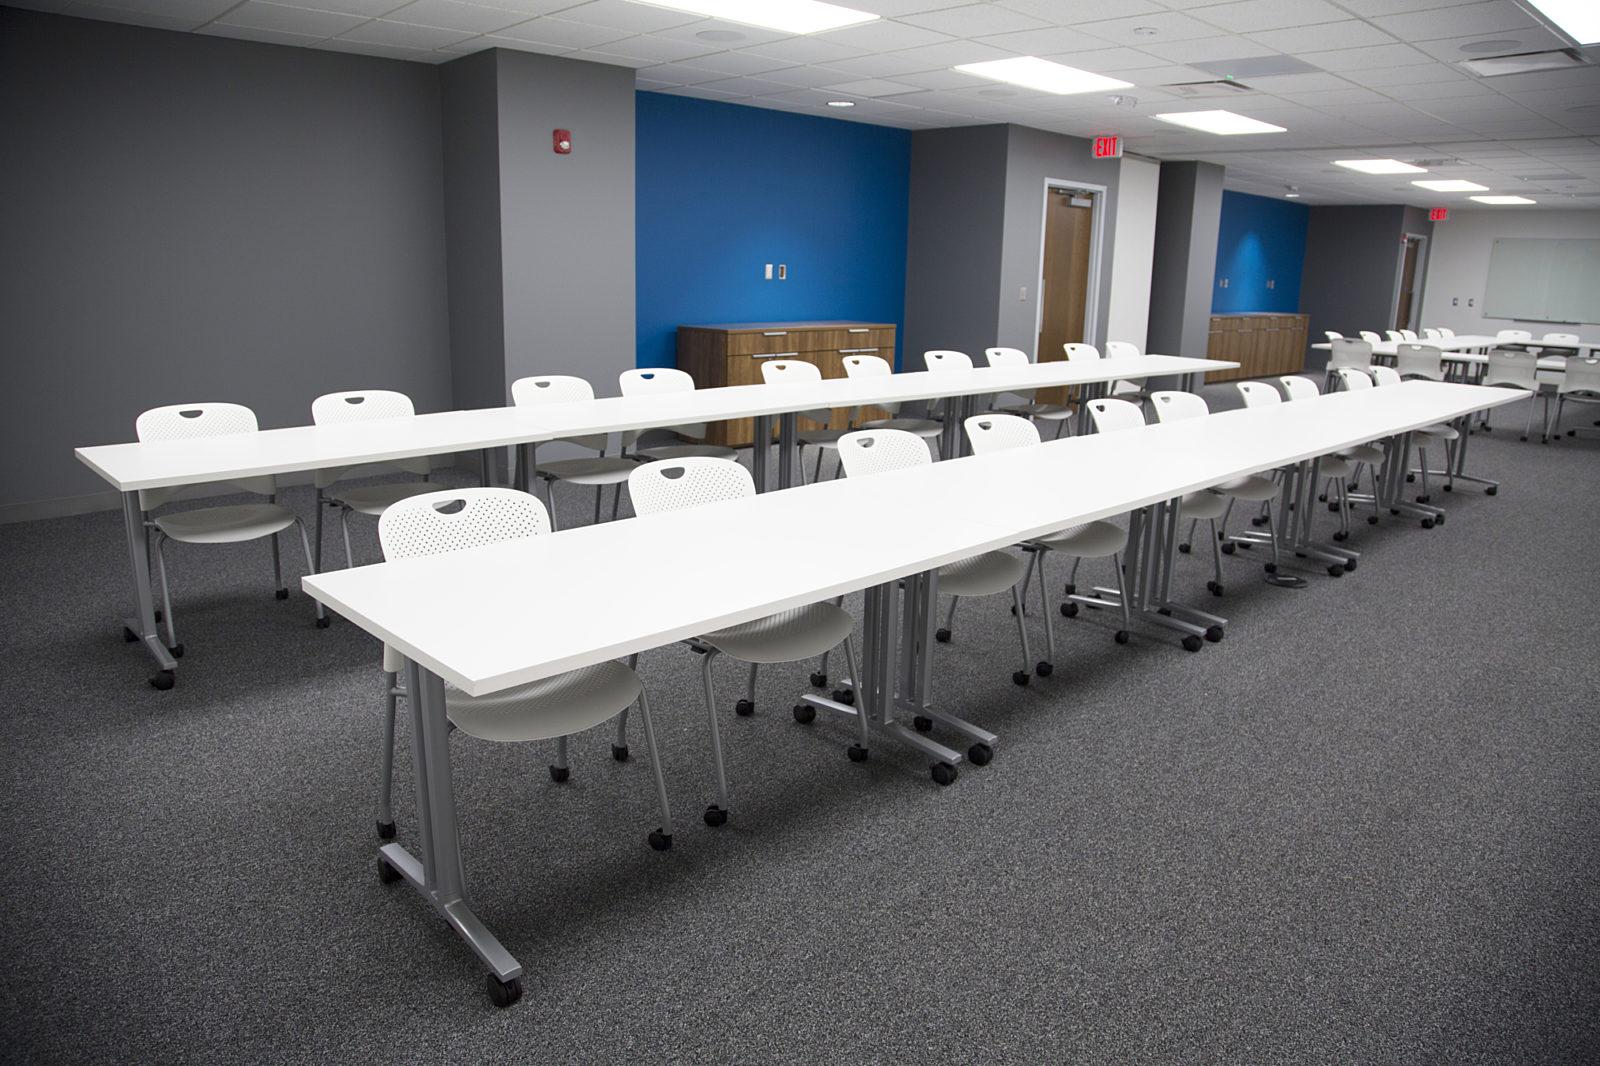 Lockton Affinity Training Room